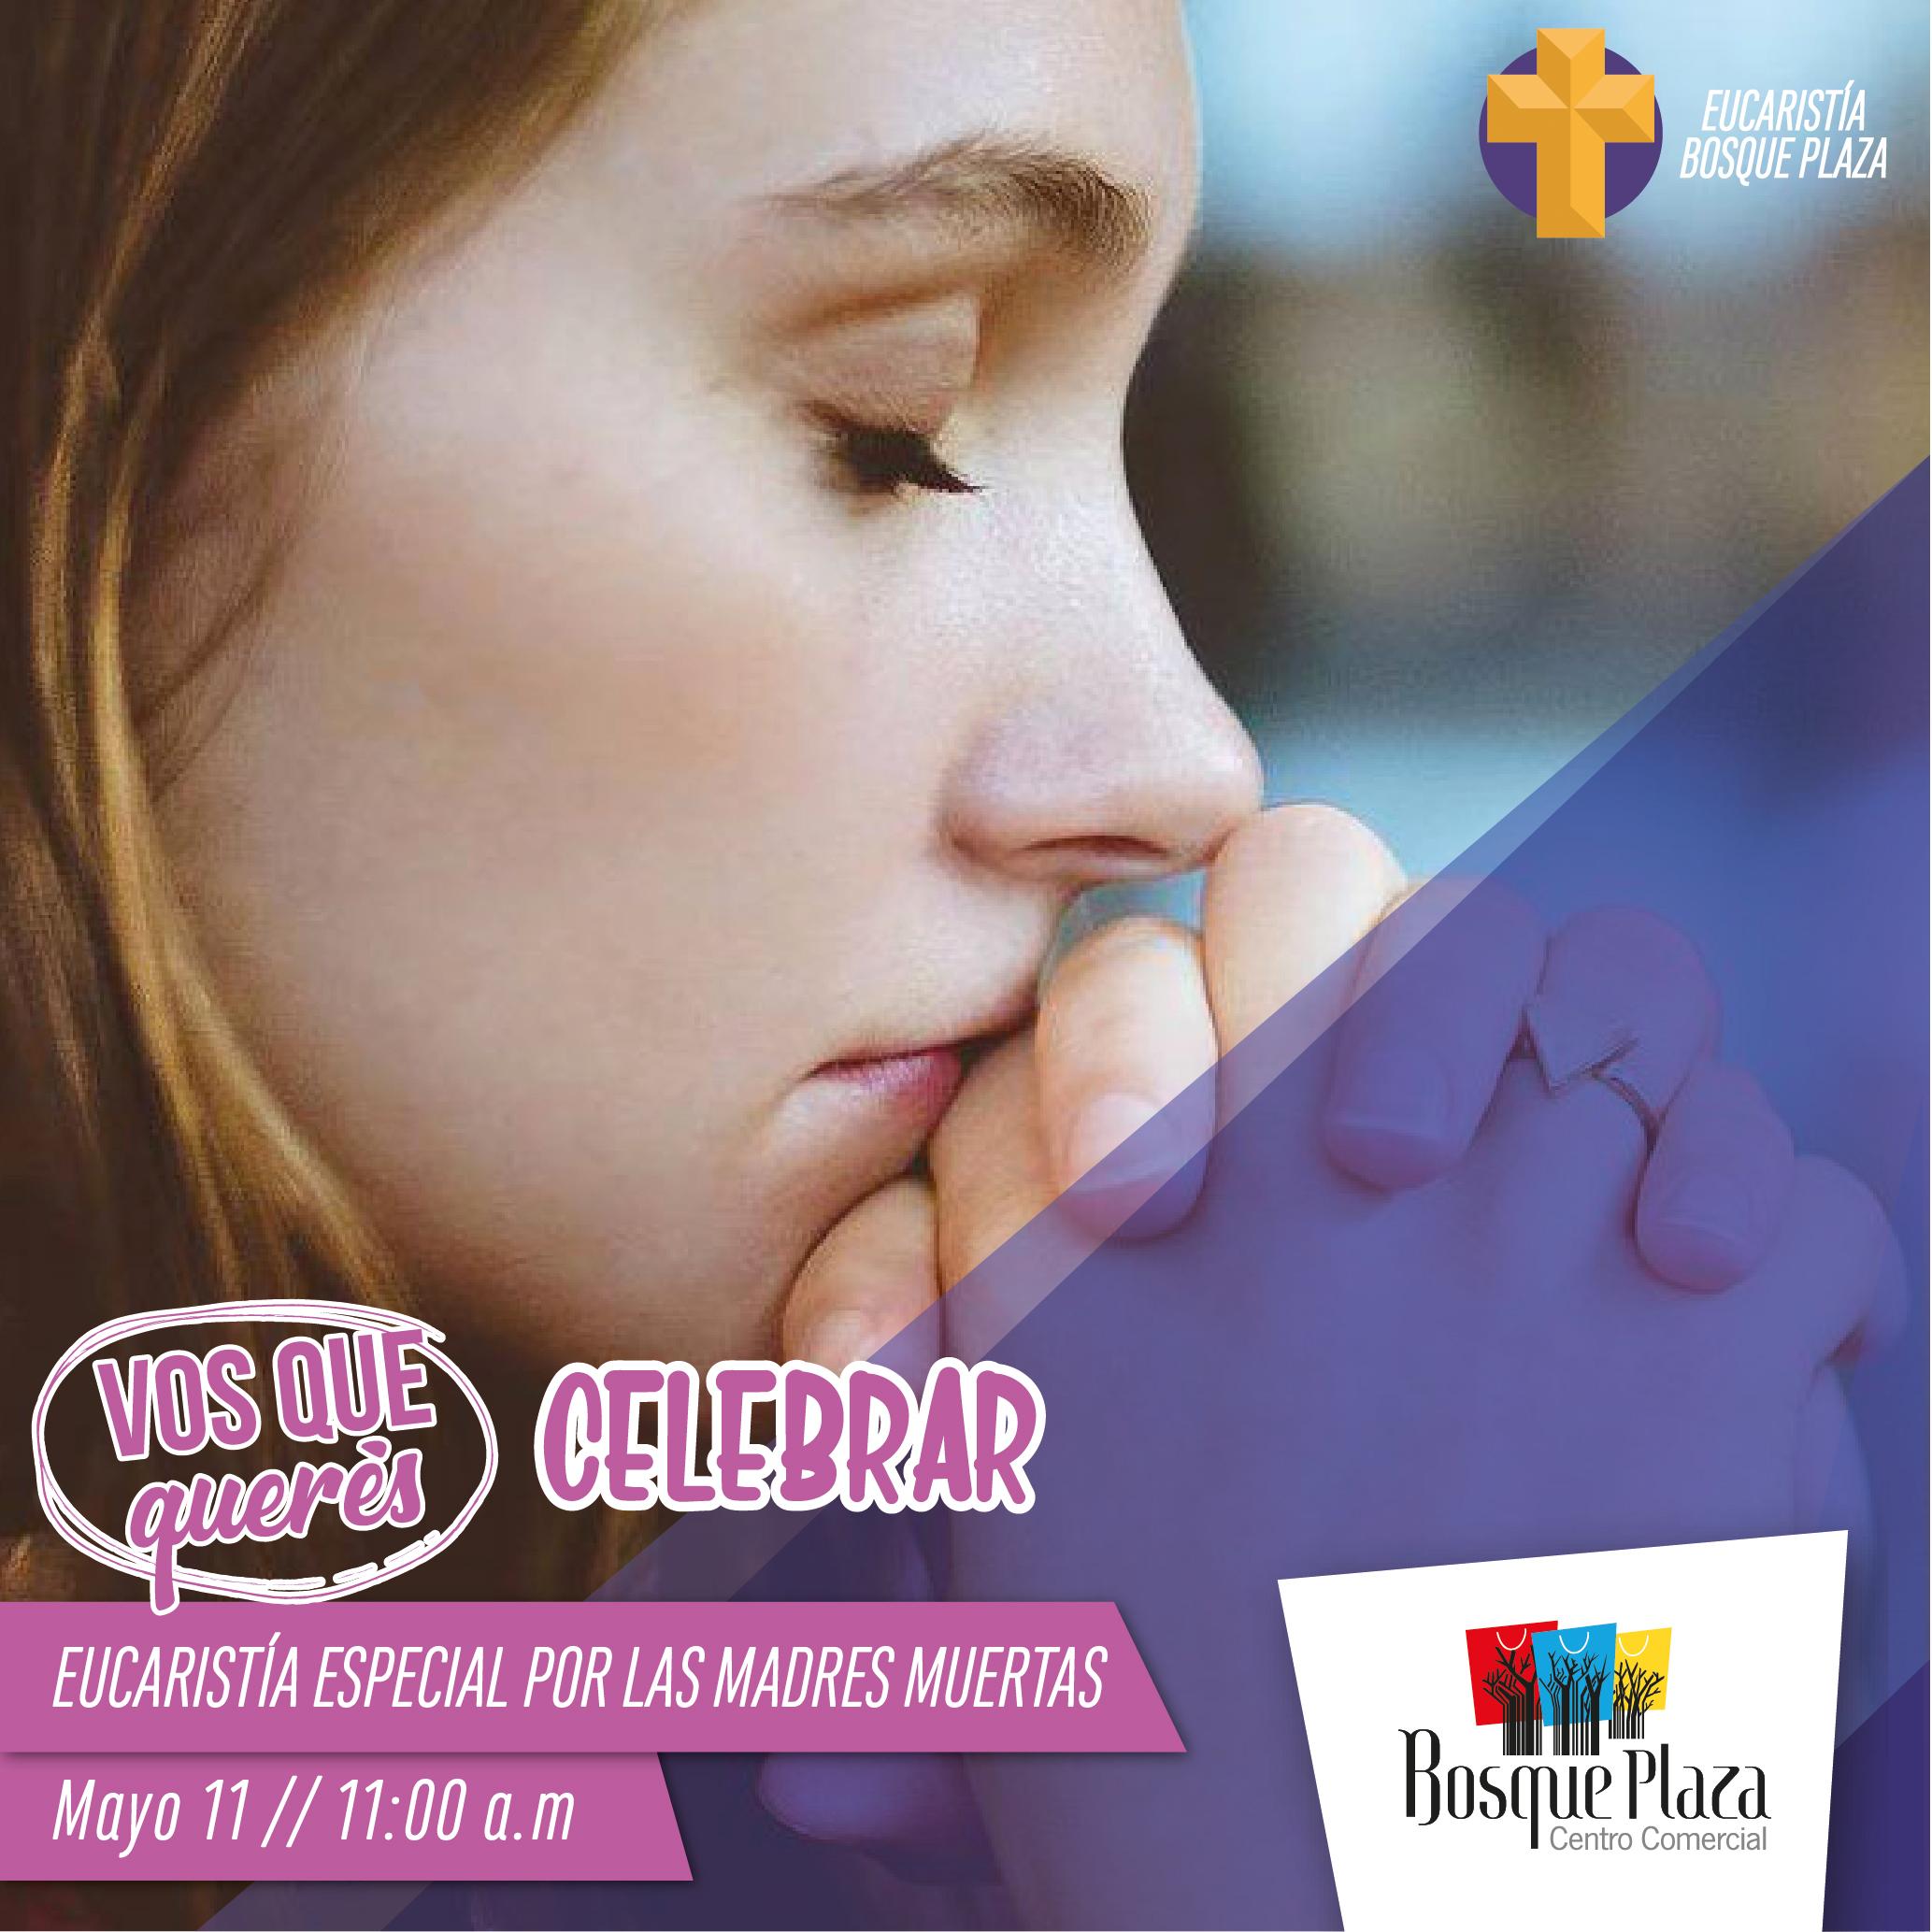 eucaristia madres muertas-01